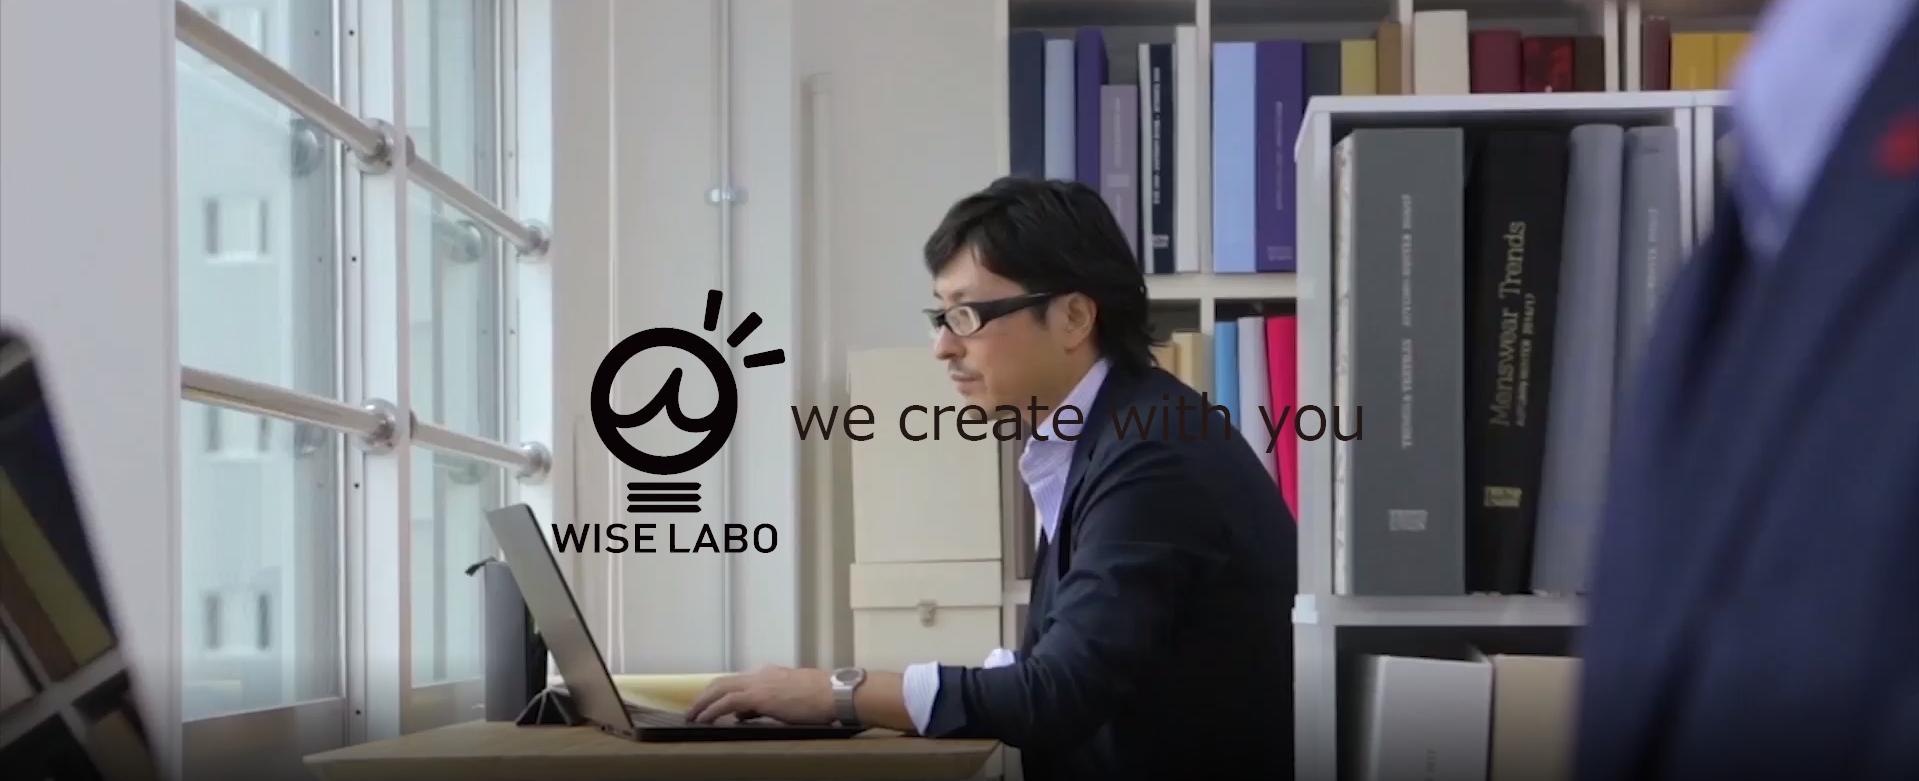 一級建築設計事務所 インテリアデザインのワイズ・ラボ株式会社